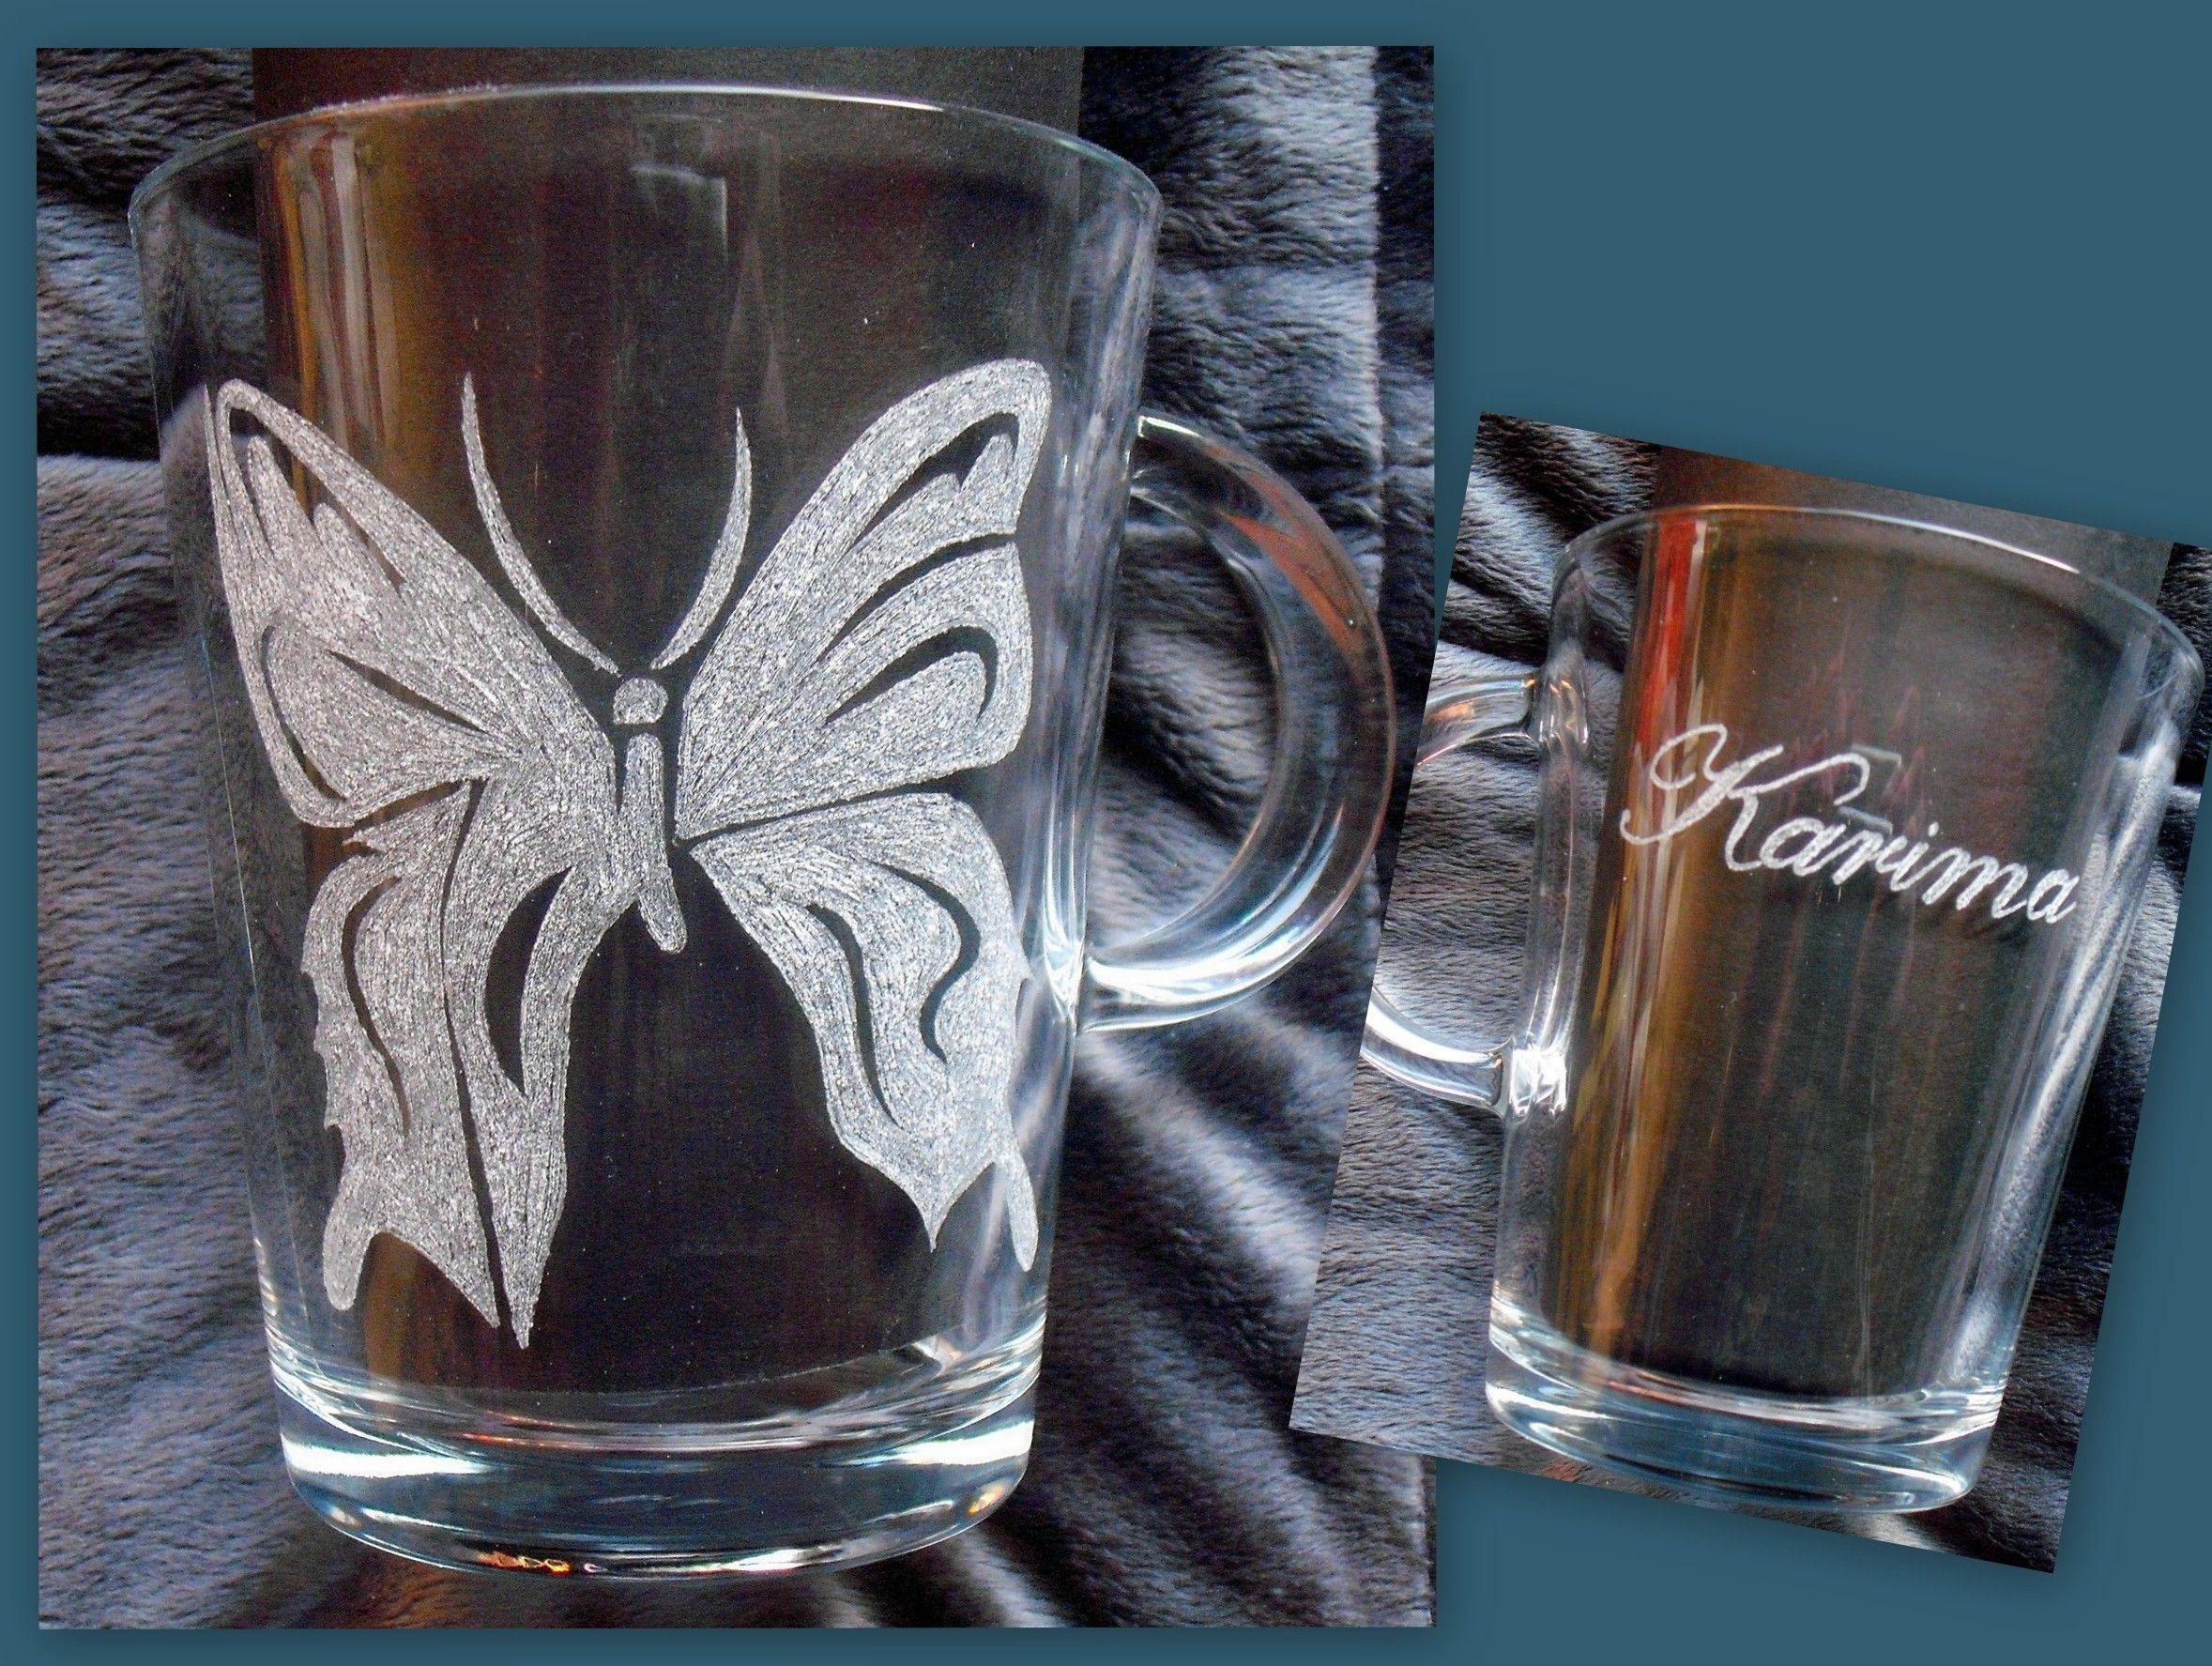 papillon gravure sur verre mug gravure sur verre pinterest papillons and mugs. Black Bedroom Furniture Sets. Home Design Ideas